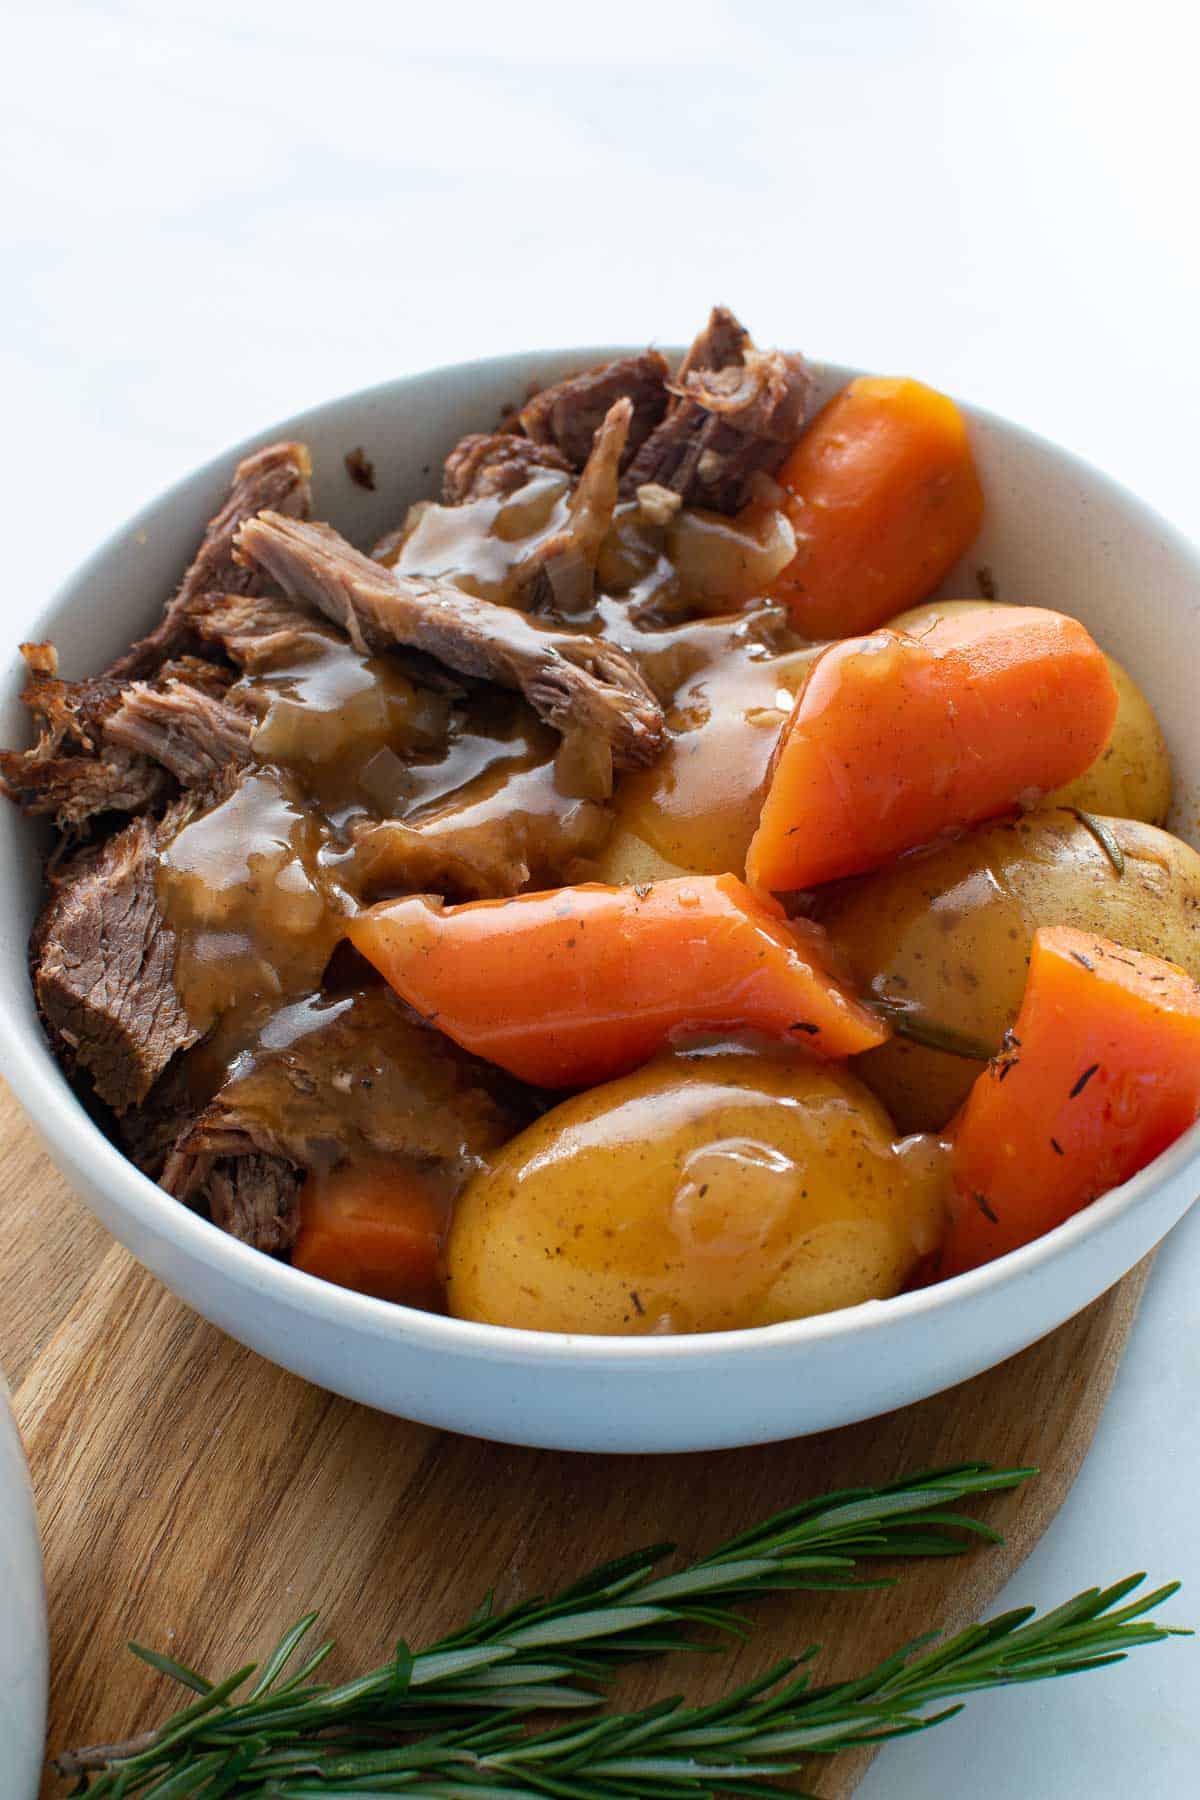 Close up of a bowl of pot roast.